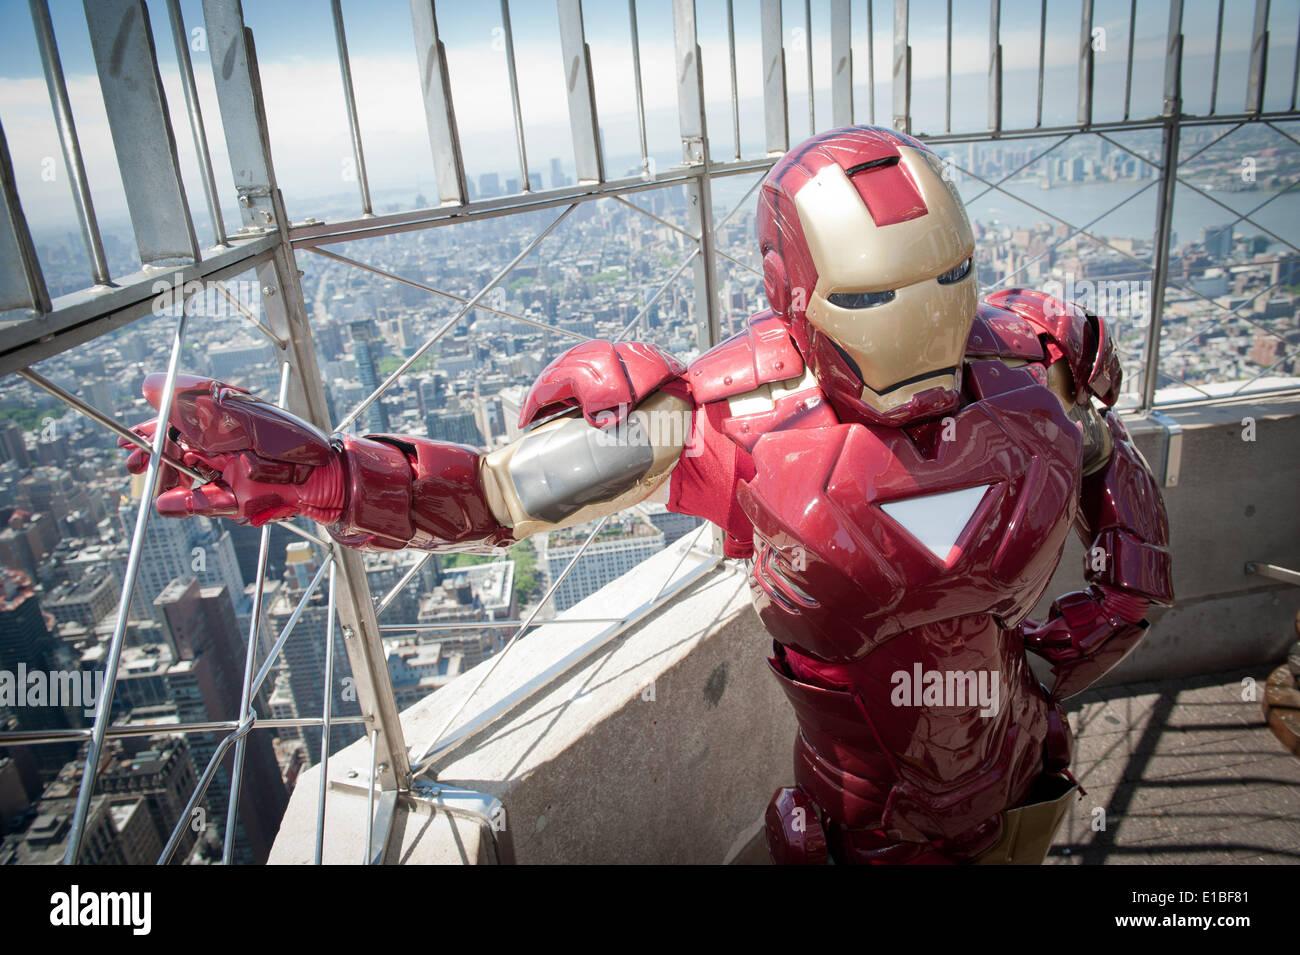 Manhattan, New York, USA. 29 mai, 2014. Acteur habillé en caractère d'homme de fer au cours de l'événement du centenaire de PAL à l'Empire State Building. © Bryan Smith/ZUMAPRESS.com/Alamy Live News Photo Stock